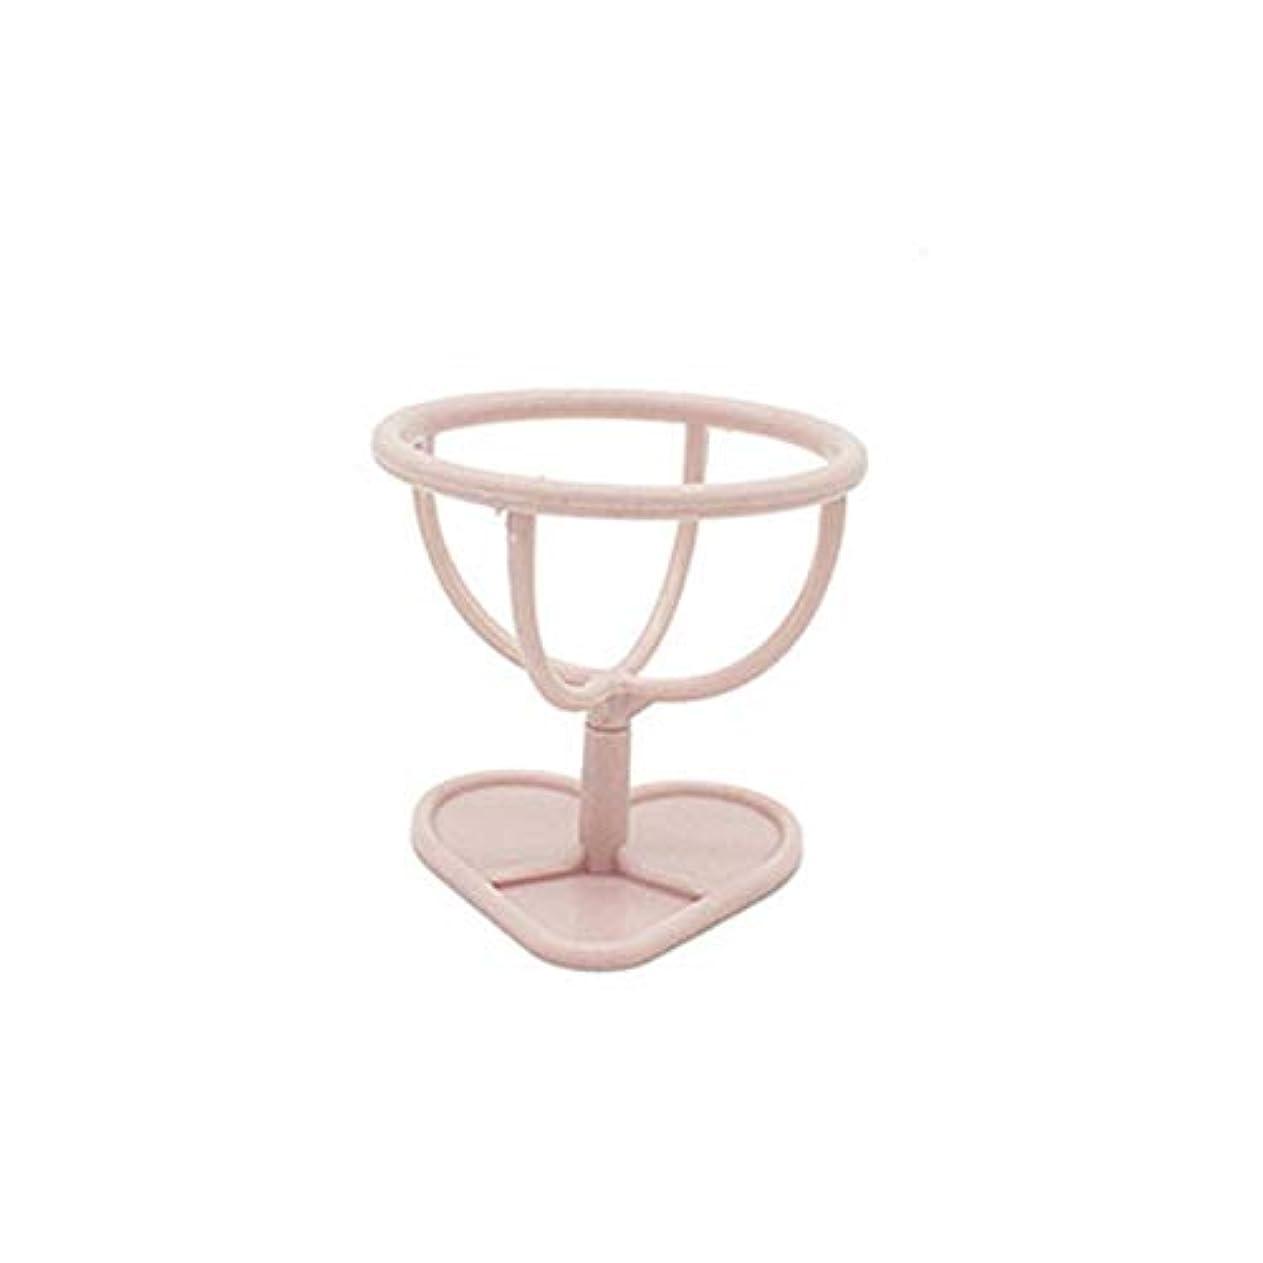 いうなんとなくひそかにパフ美容メイクスポンジホルダー化粧品スポンジスタンド卵粉パフ収納ラックドライヤー化粧オーガナイザー棚ツールキット(Color:pink)